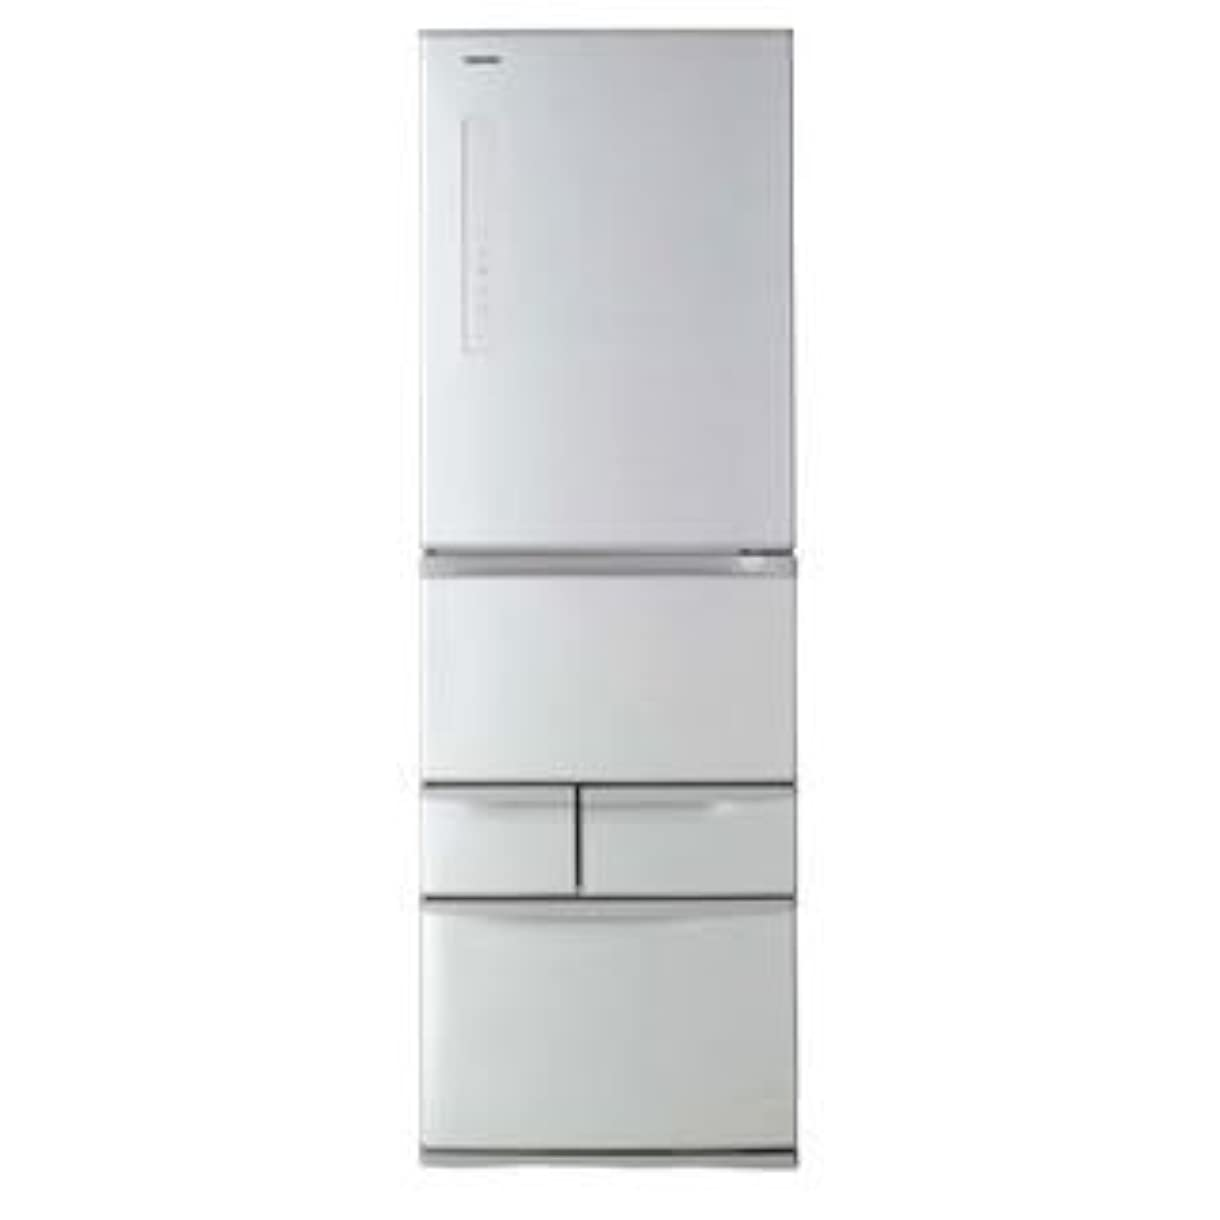 主要な結晶お願いしますGR-G43G-SS 東芝 冷蔵庫 VEGETA 5ドア 426リットル ブライトシルバー